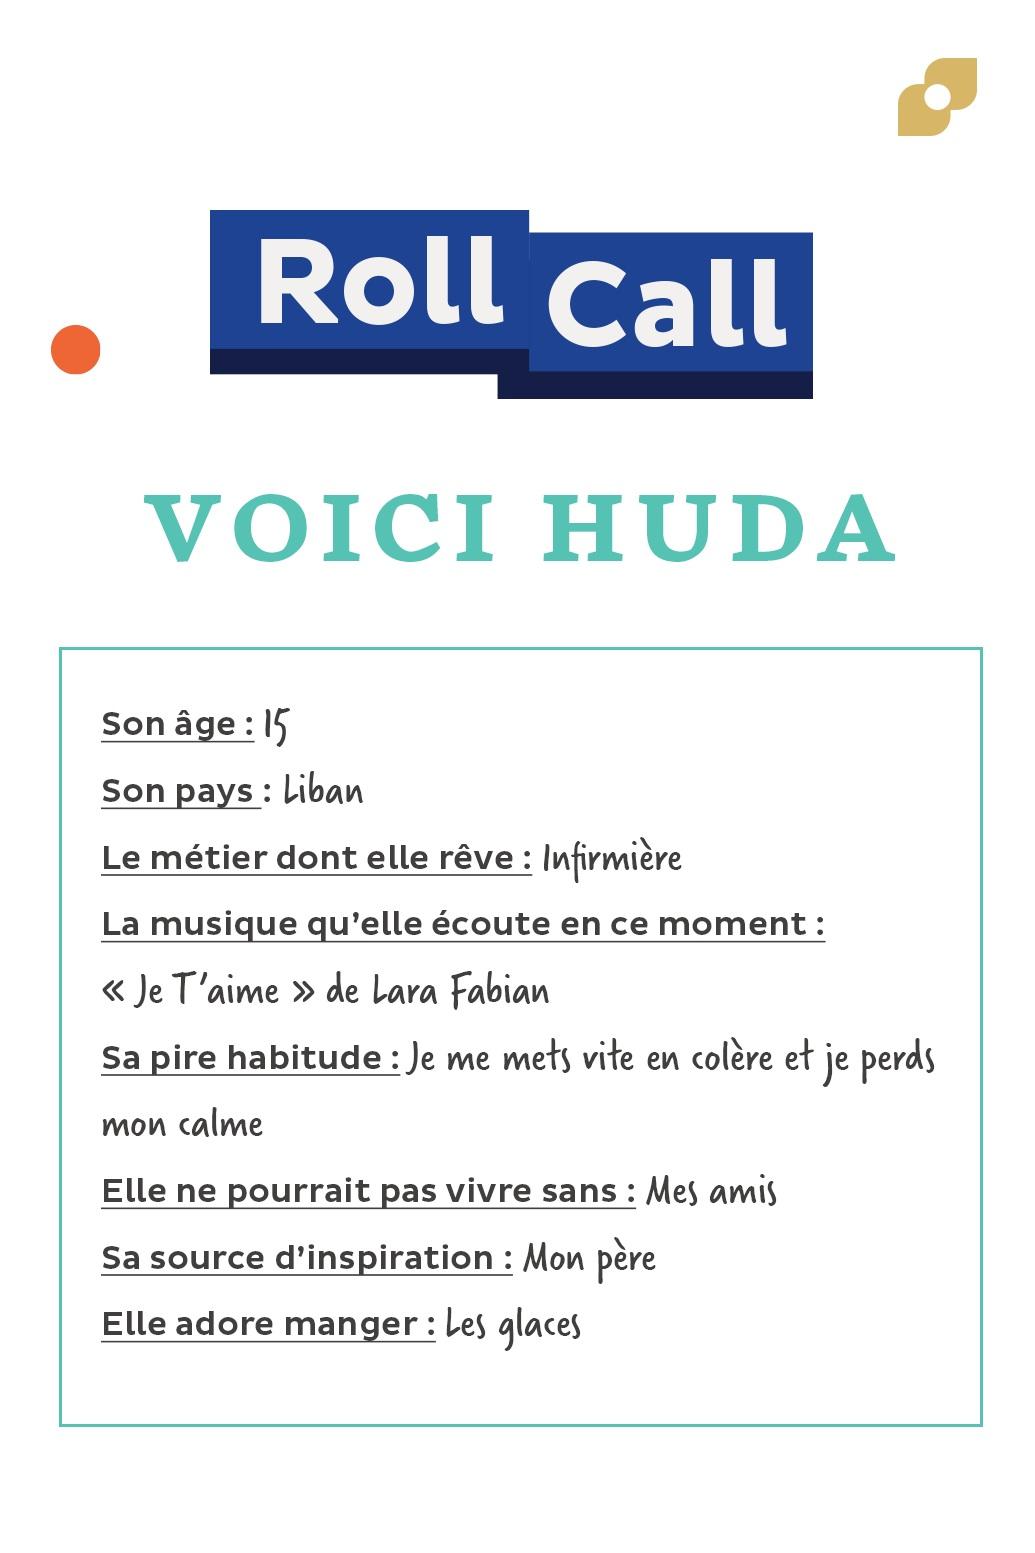 Huda+french.jpg